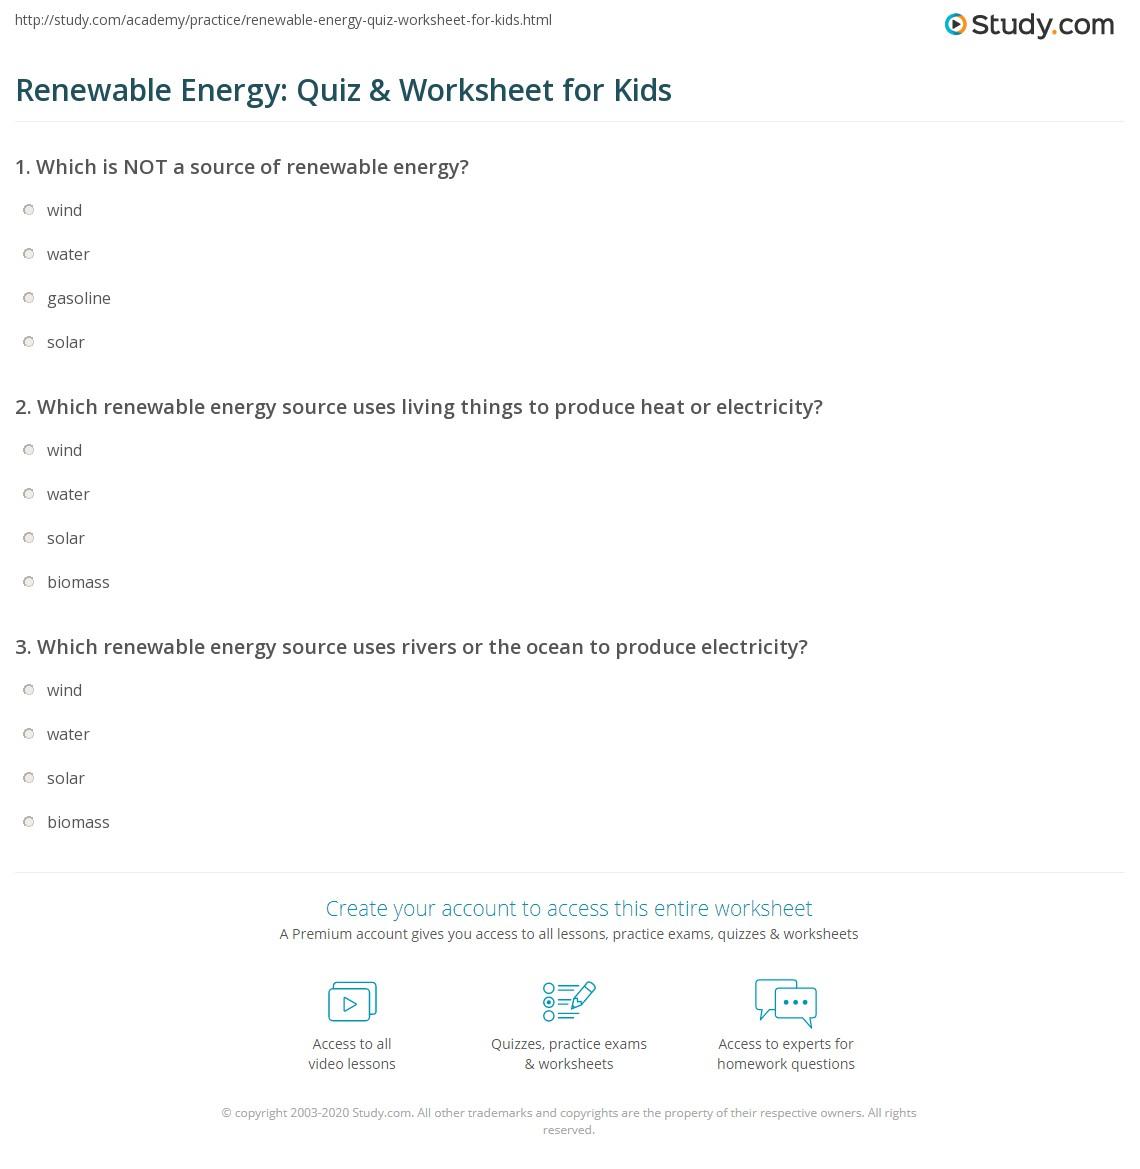 Renewable Energy: Renewable Energy Worksheet